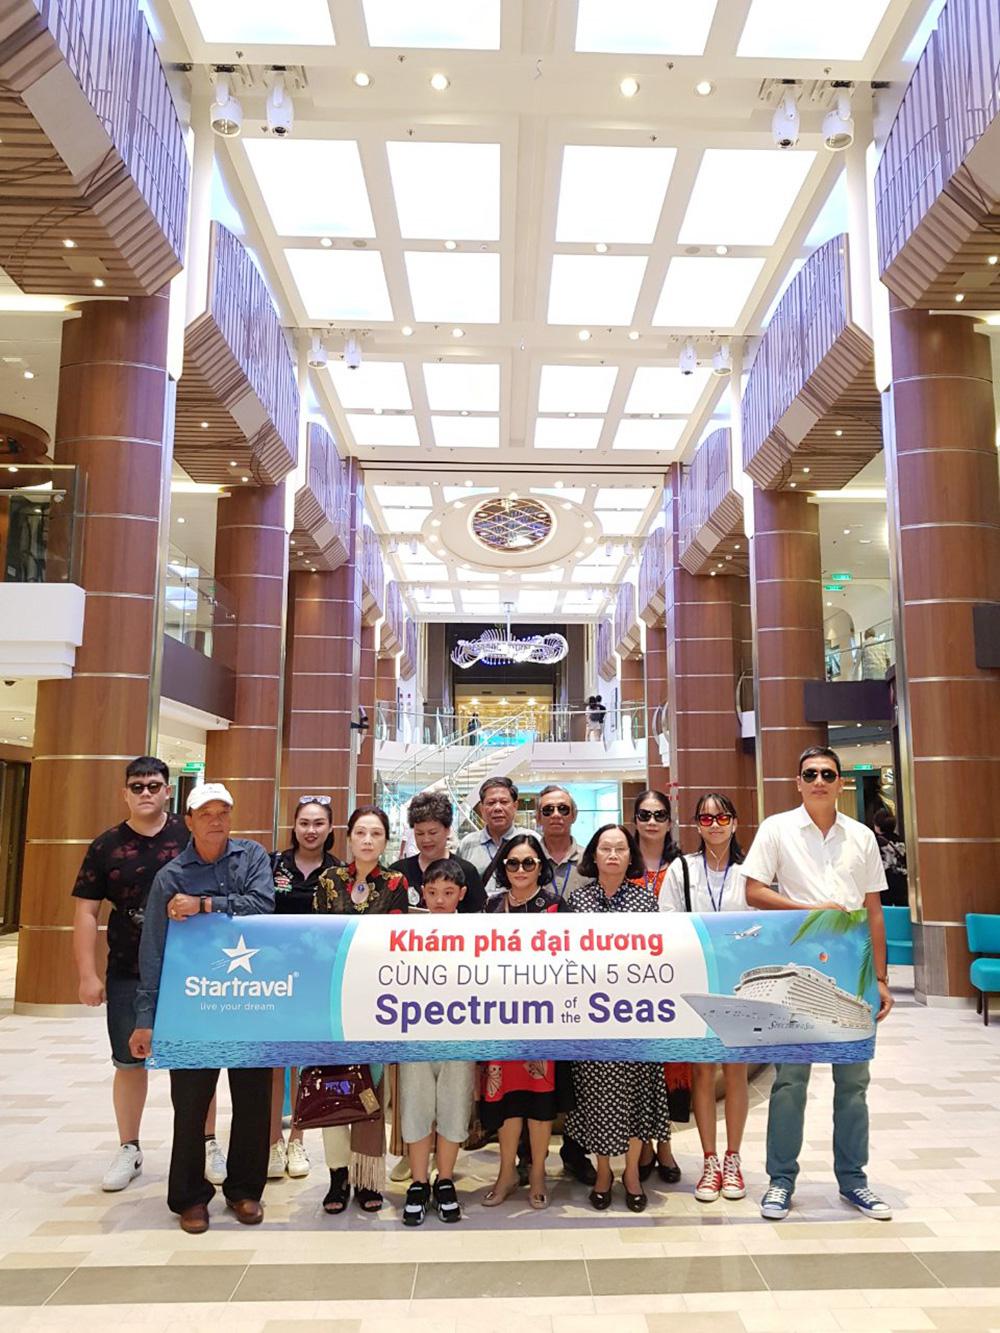 Đoàn khách tham quan Singapore - Malaysia ngày 21/05/2019